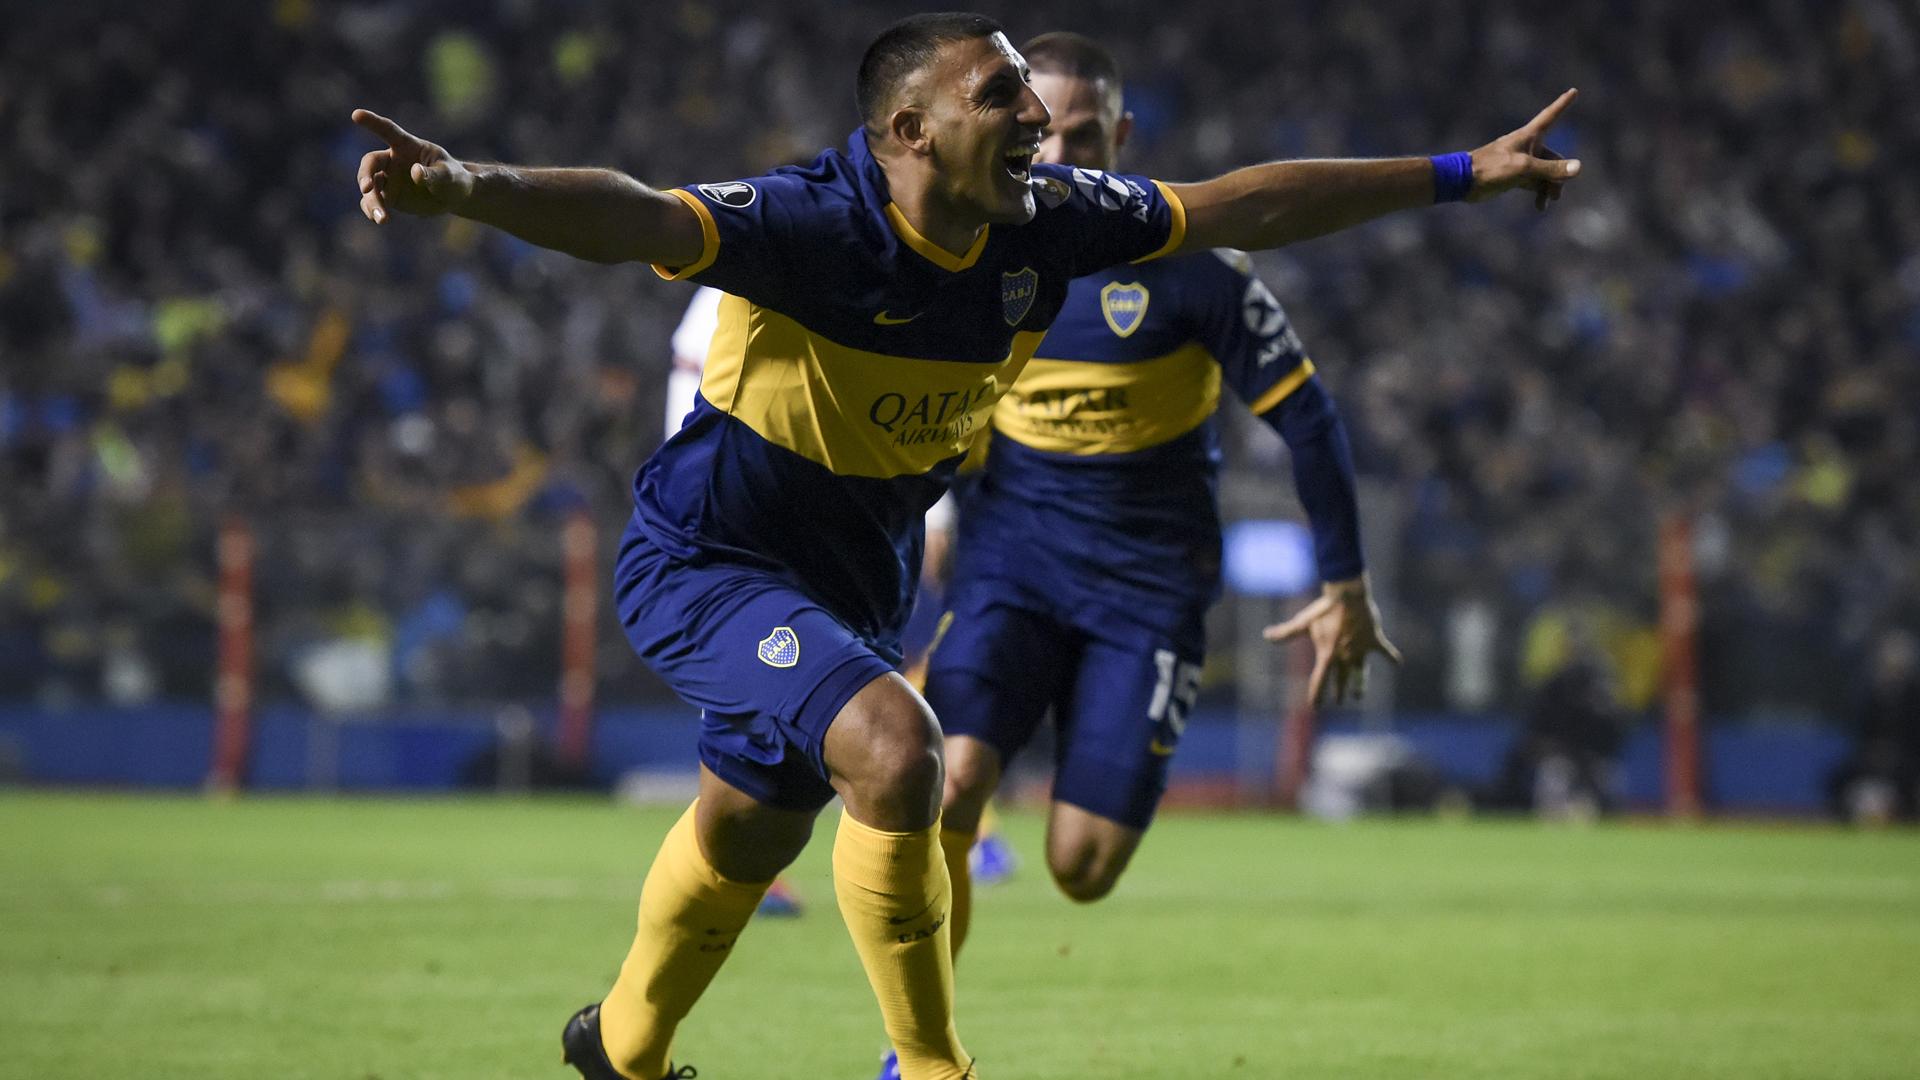 Copa Libertadores Review: Boca Juniors advance, Flamengo complete comeback